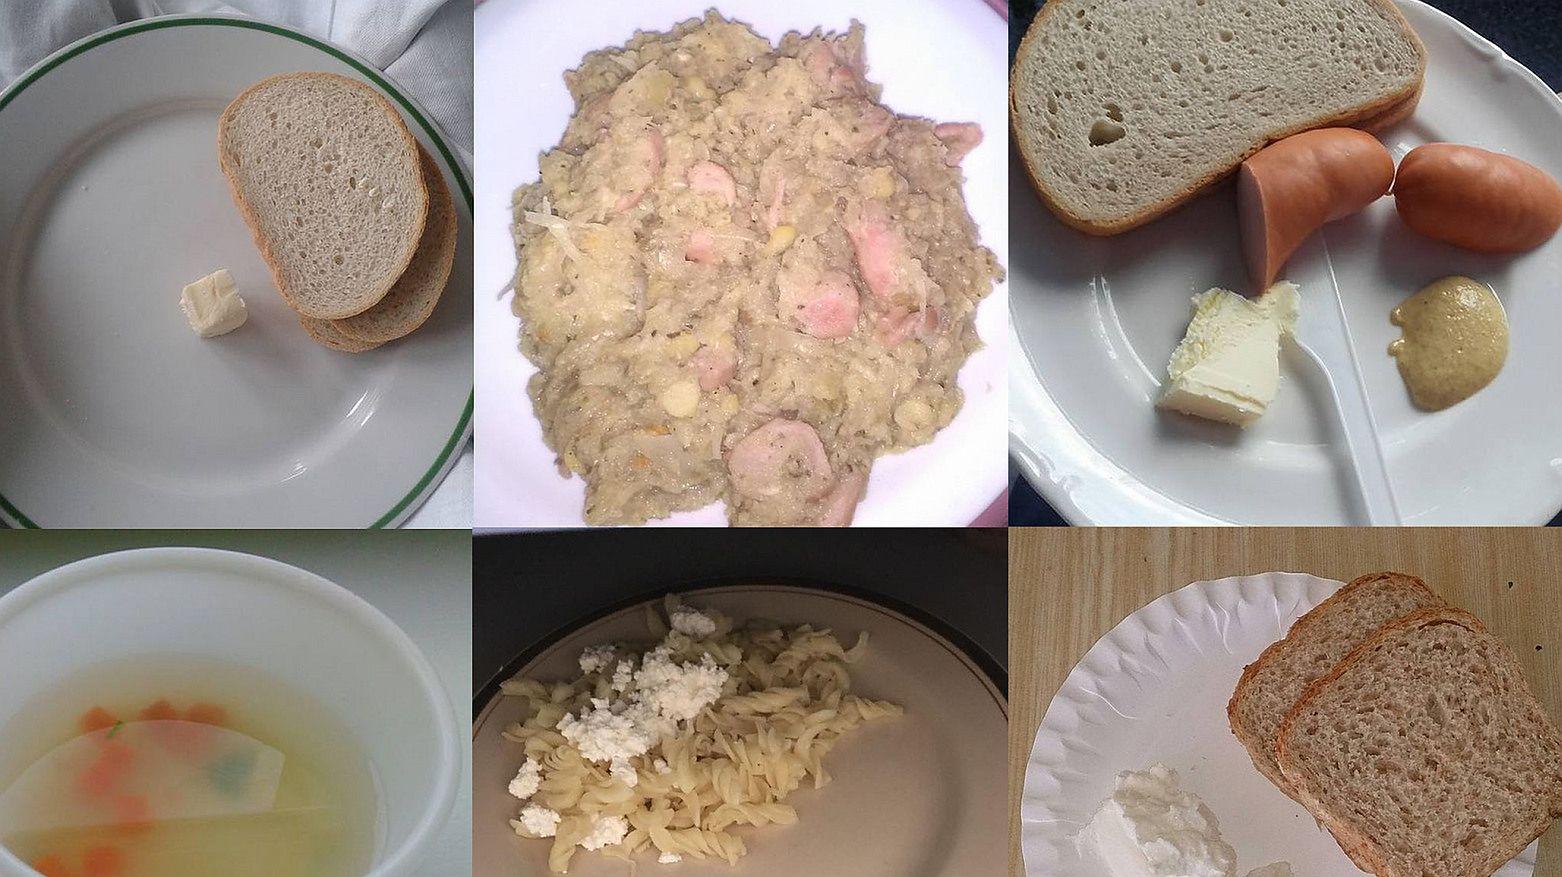 Niektóre polskie szpitale na całodzienne wyżywienie pacjenta przeznaczają 5 zł.